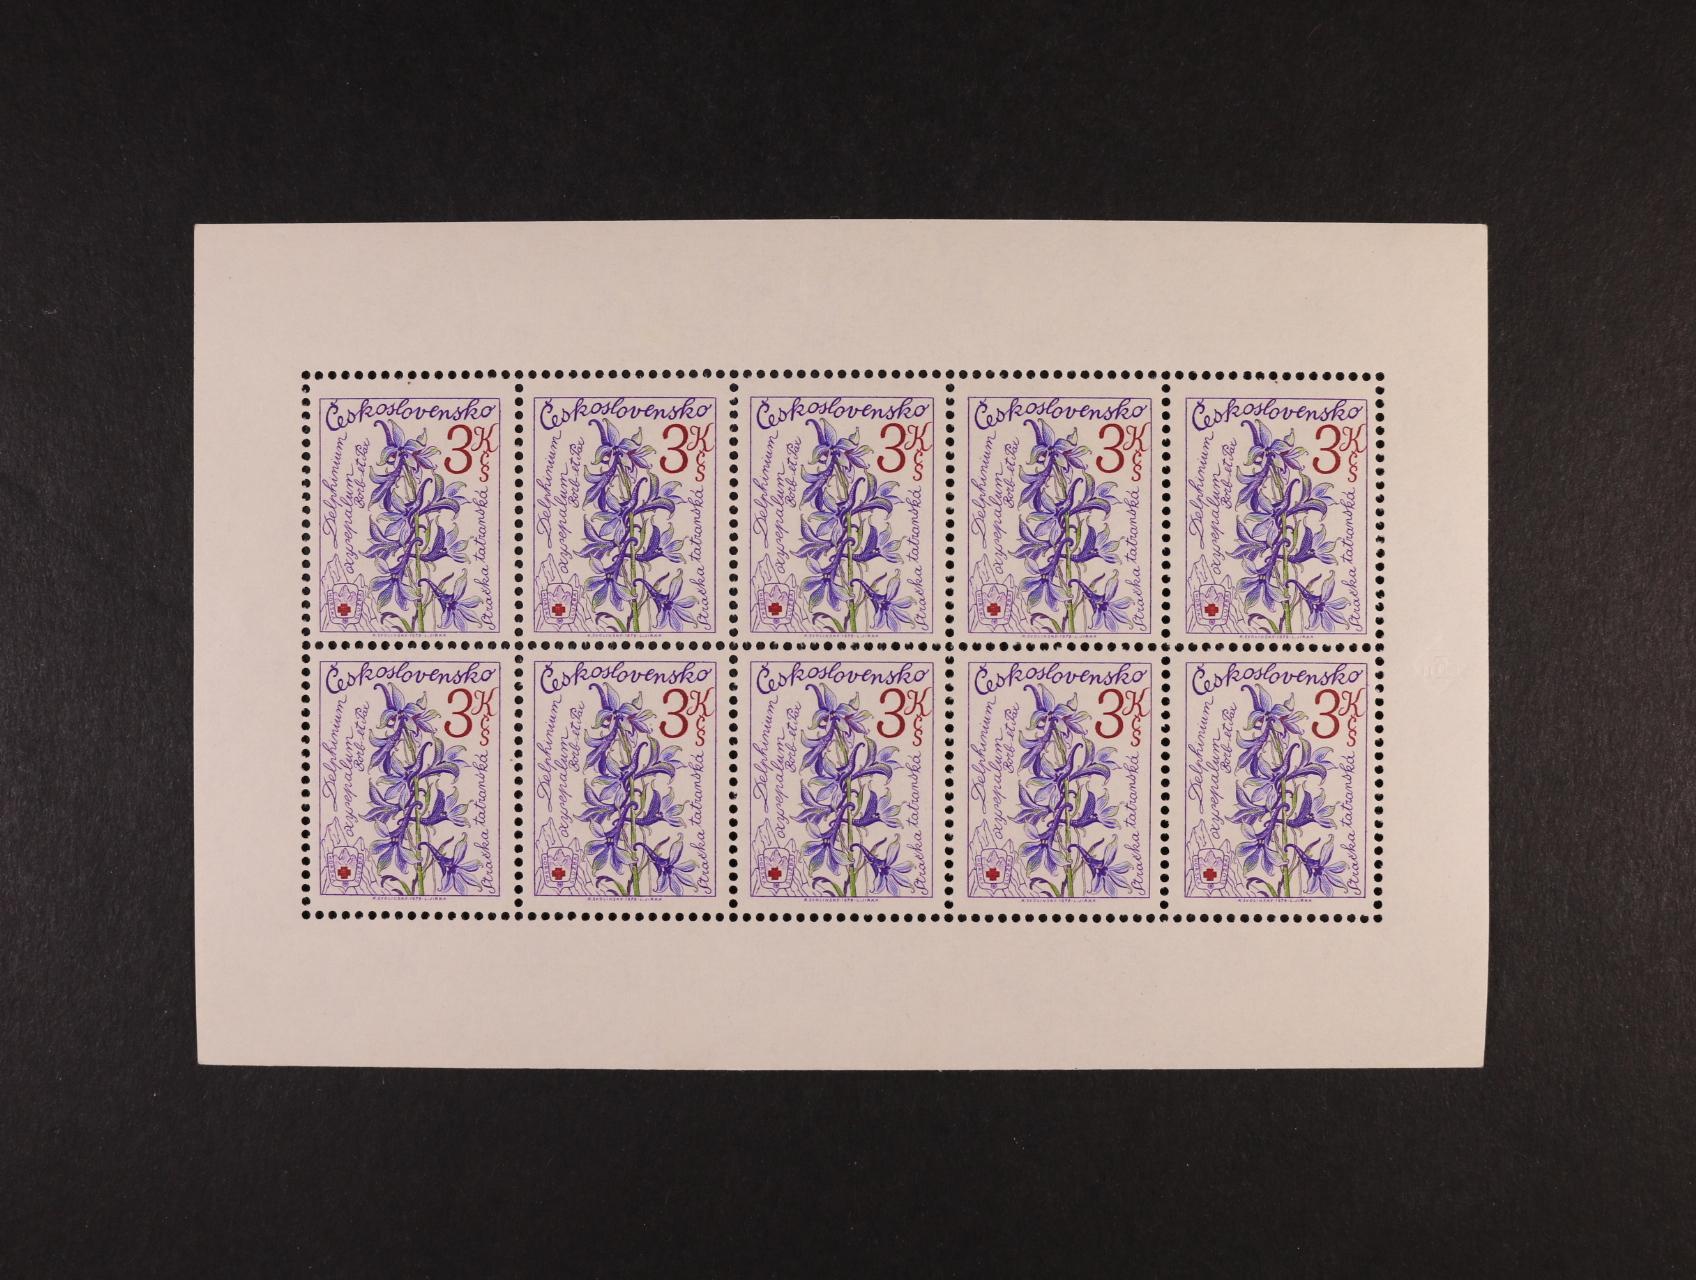 PL  č. 2369 A zoubkování 11 3/4, kat. cena 4500 Kč